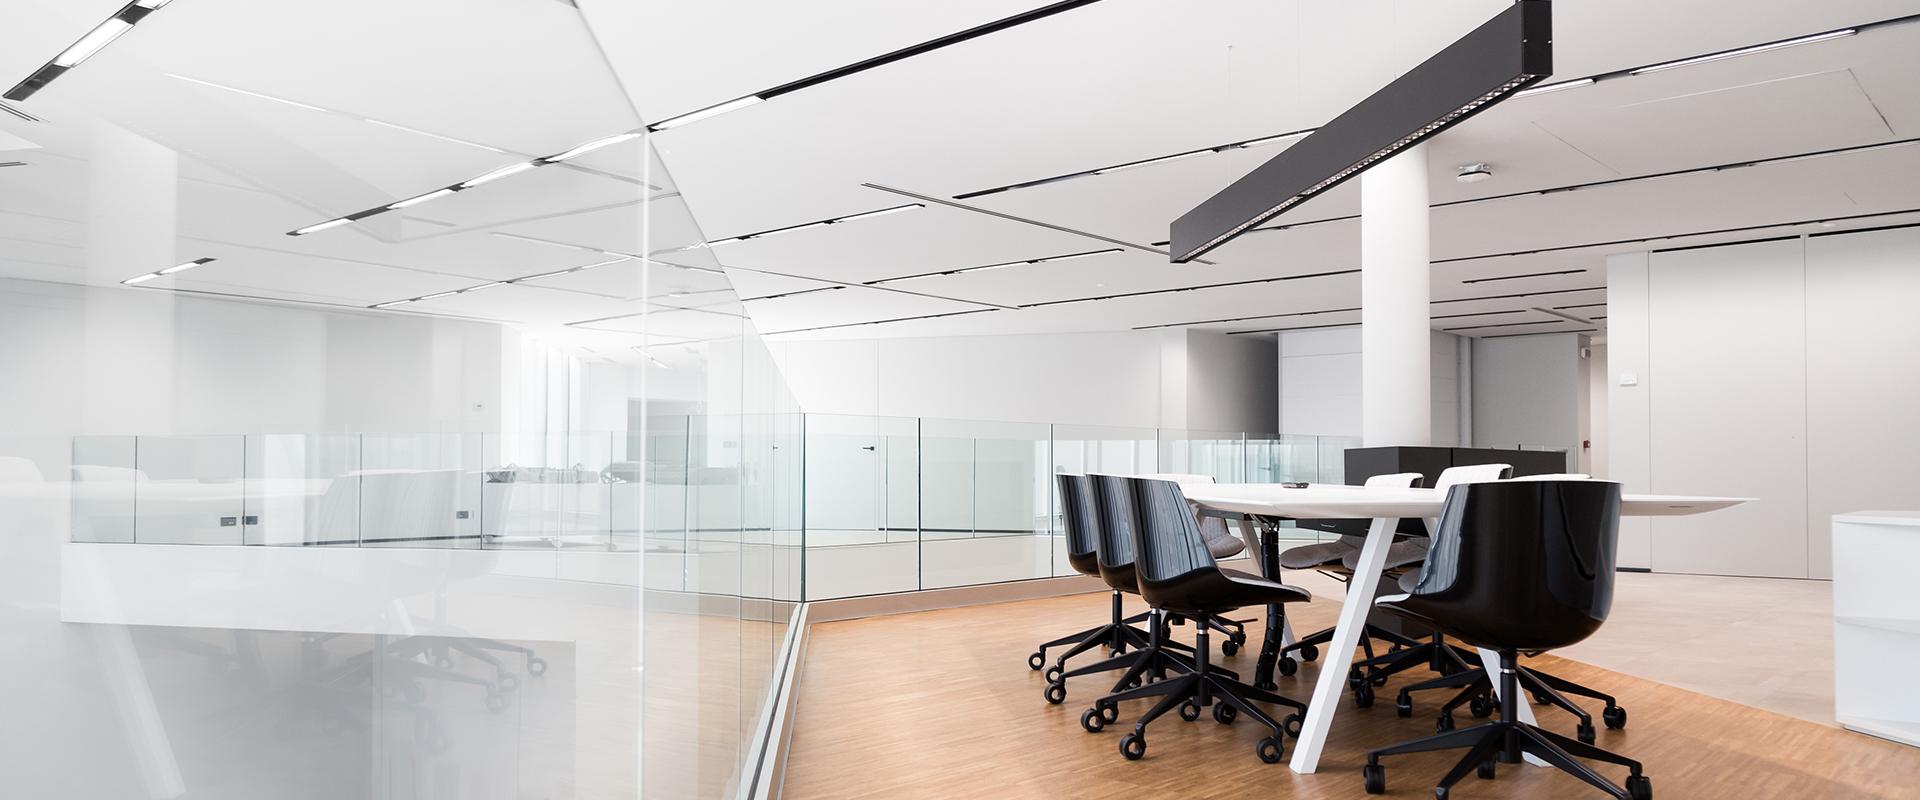 AEC Illuminazione Headquarters Italiano - ricerca e sviluppo azienda di illuminazione pubblica